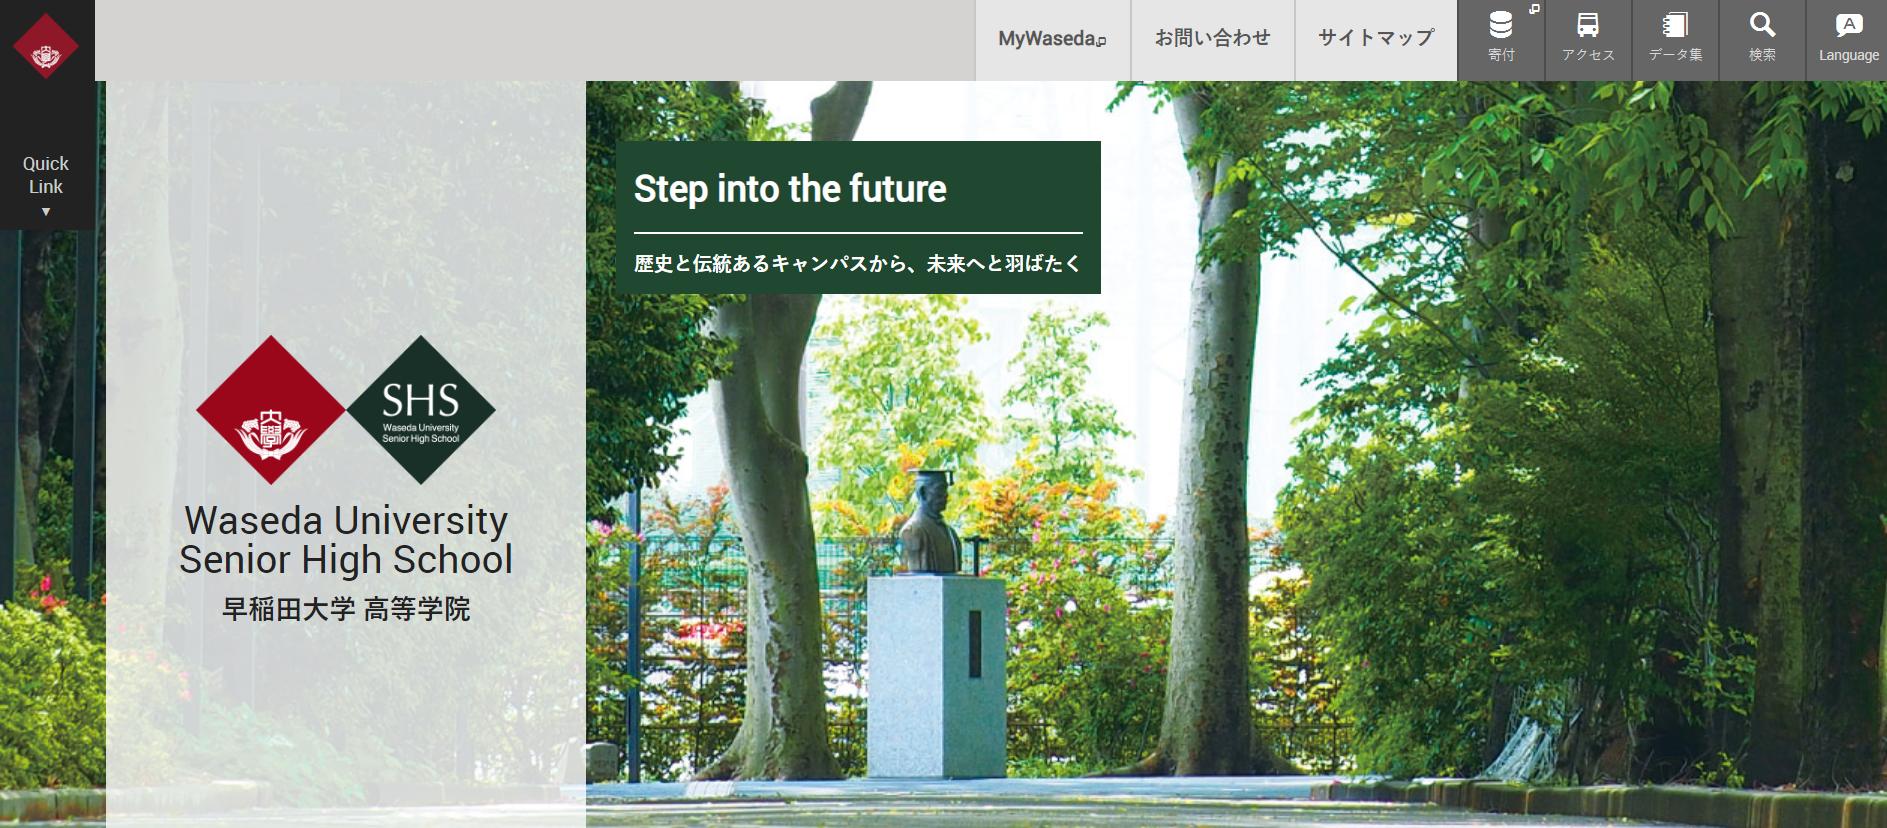 早稲田大学高等学院の口コミ・評判